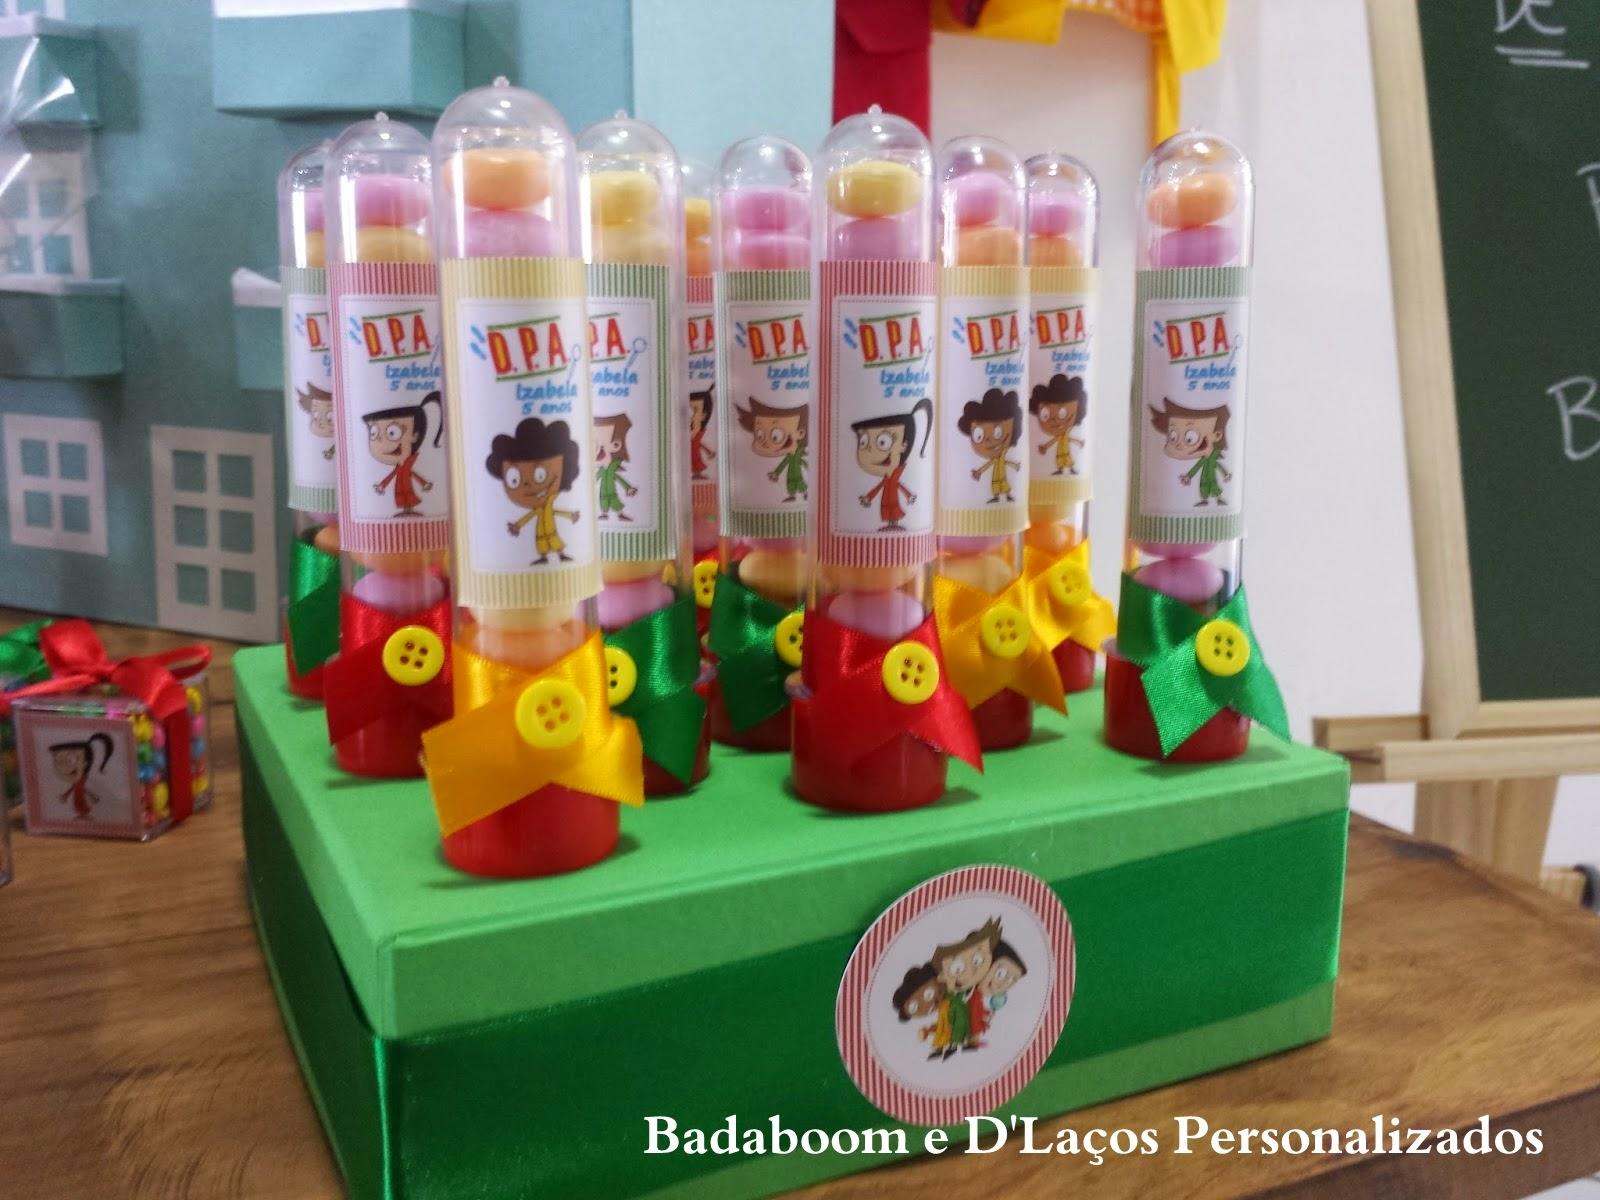 Kit Festa Infantil, Personalizados, Mimos, DPA, Detetives do Prédio Azul, Rótulos, guloseimas, cones, tubete, toppers, tags, saquinhos, placas